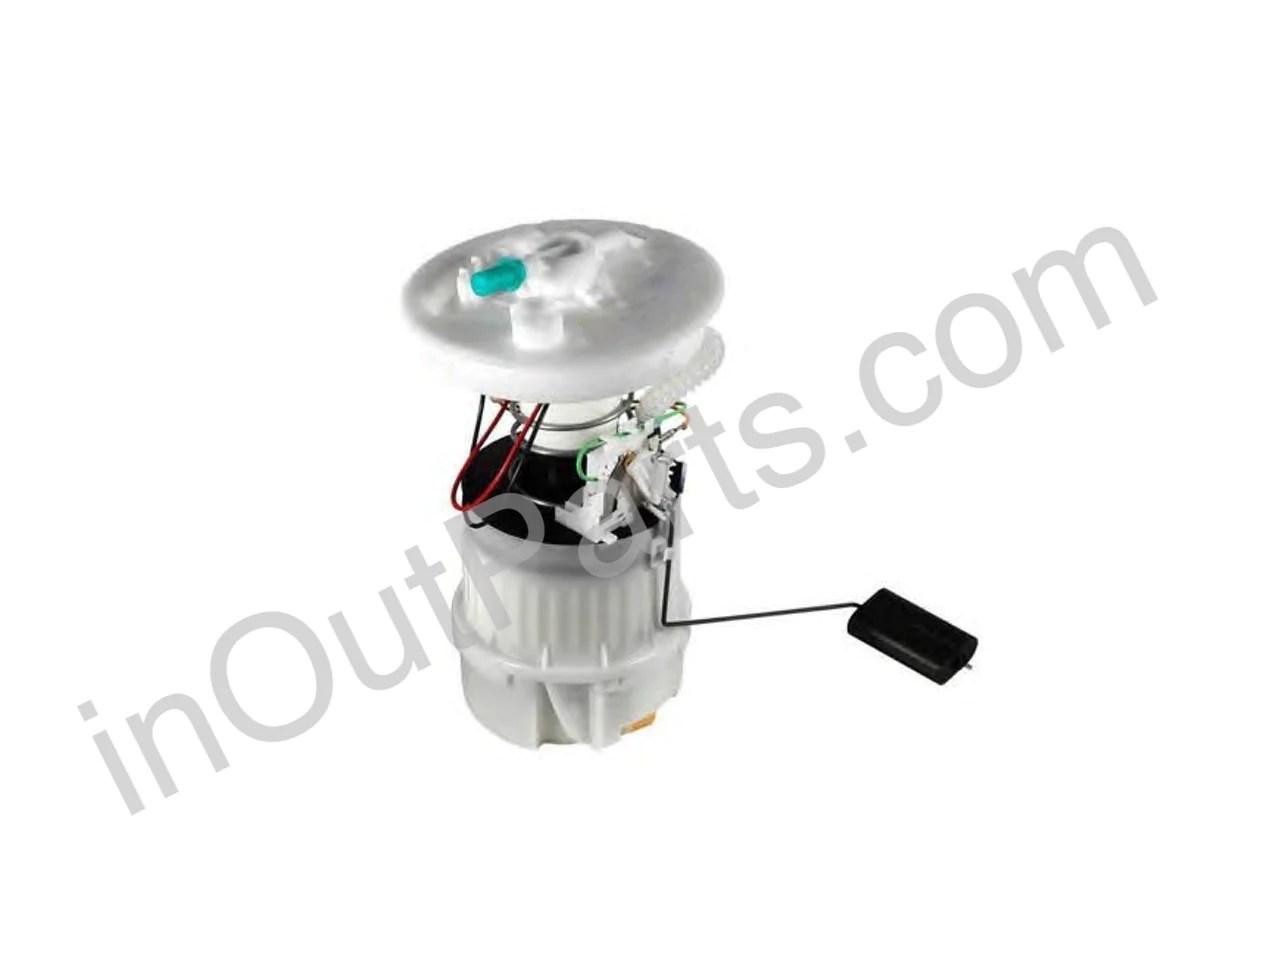 fuel filter fits ford focus 2005 2006 2007 2008 2009 2010 2011 c max inout parts [ 1280 x 960 Pixel ]